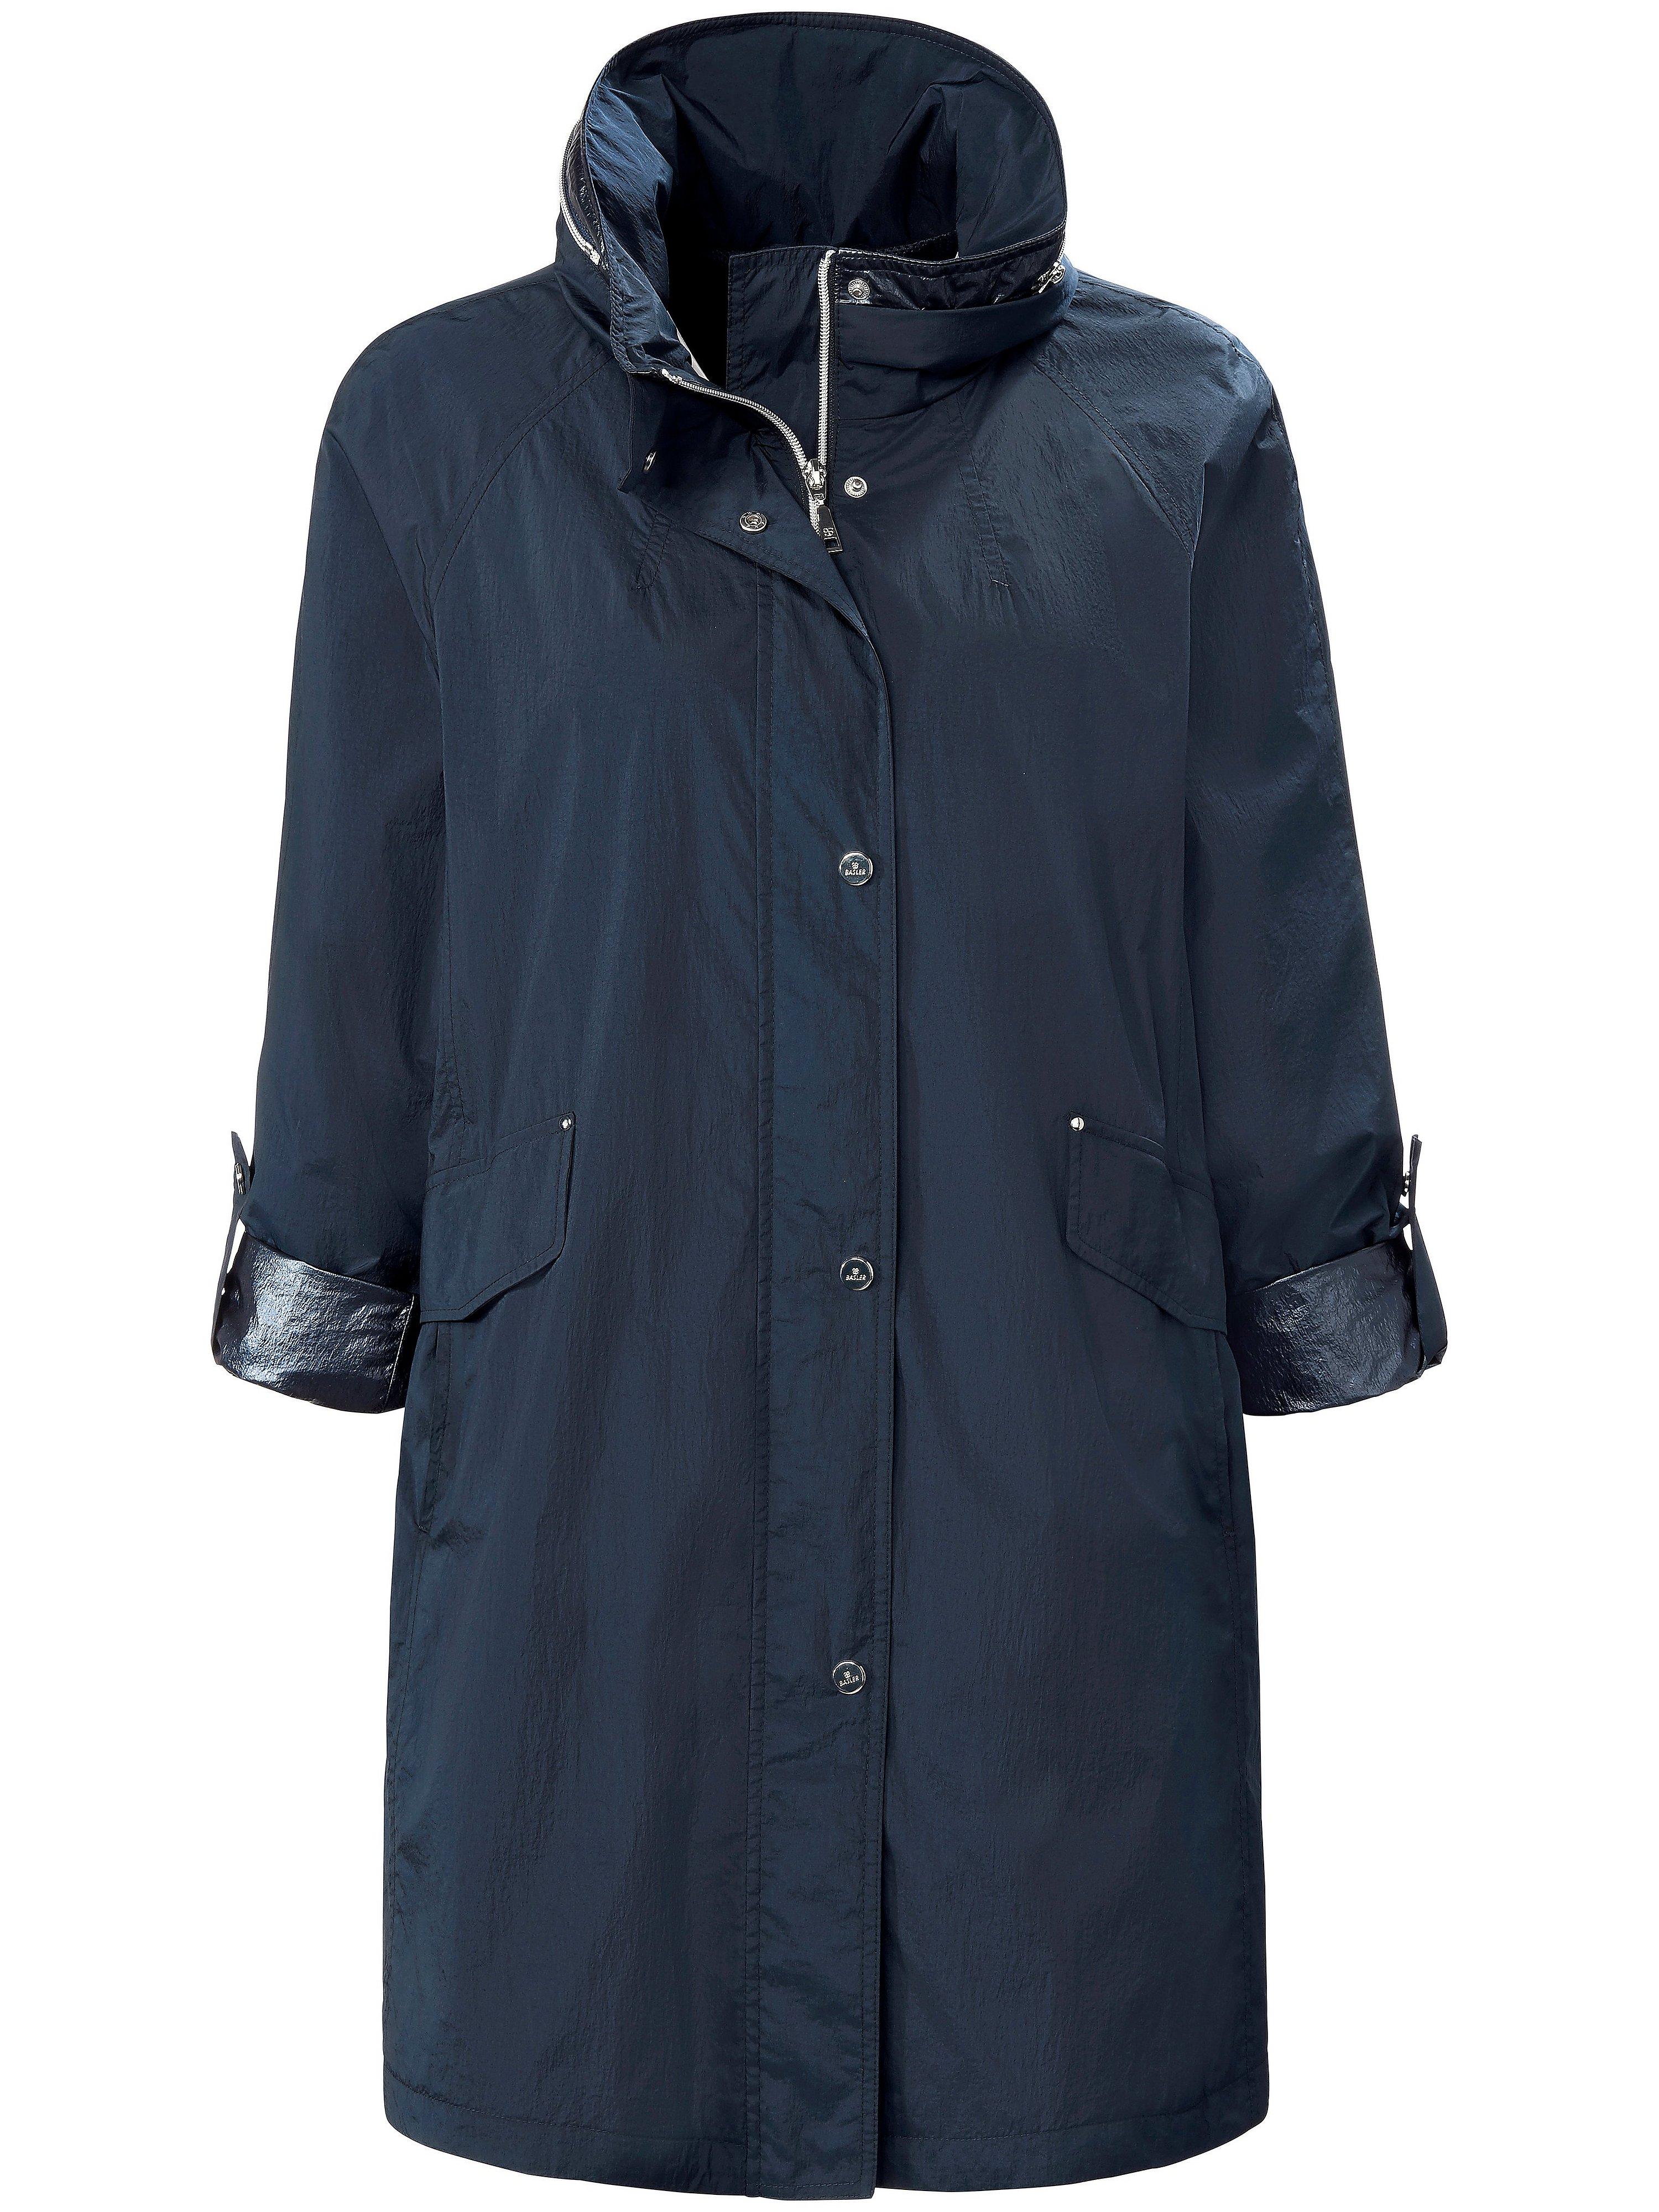 Le manteau 3/4 à capuche  Basler bleu taille 50